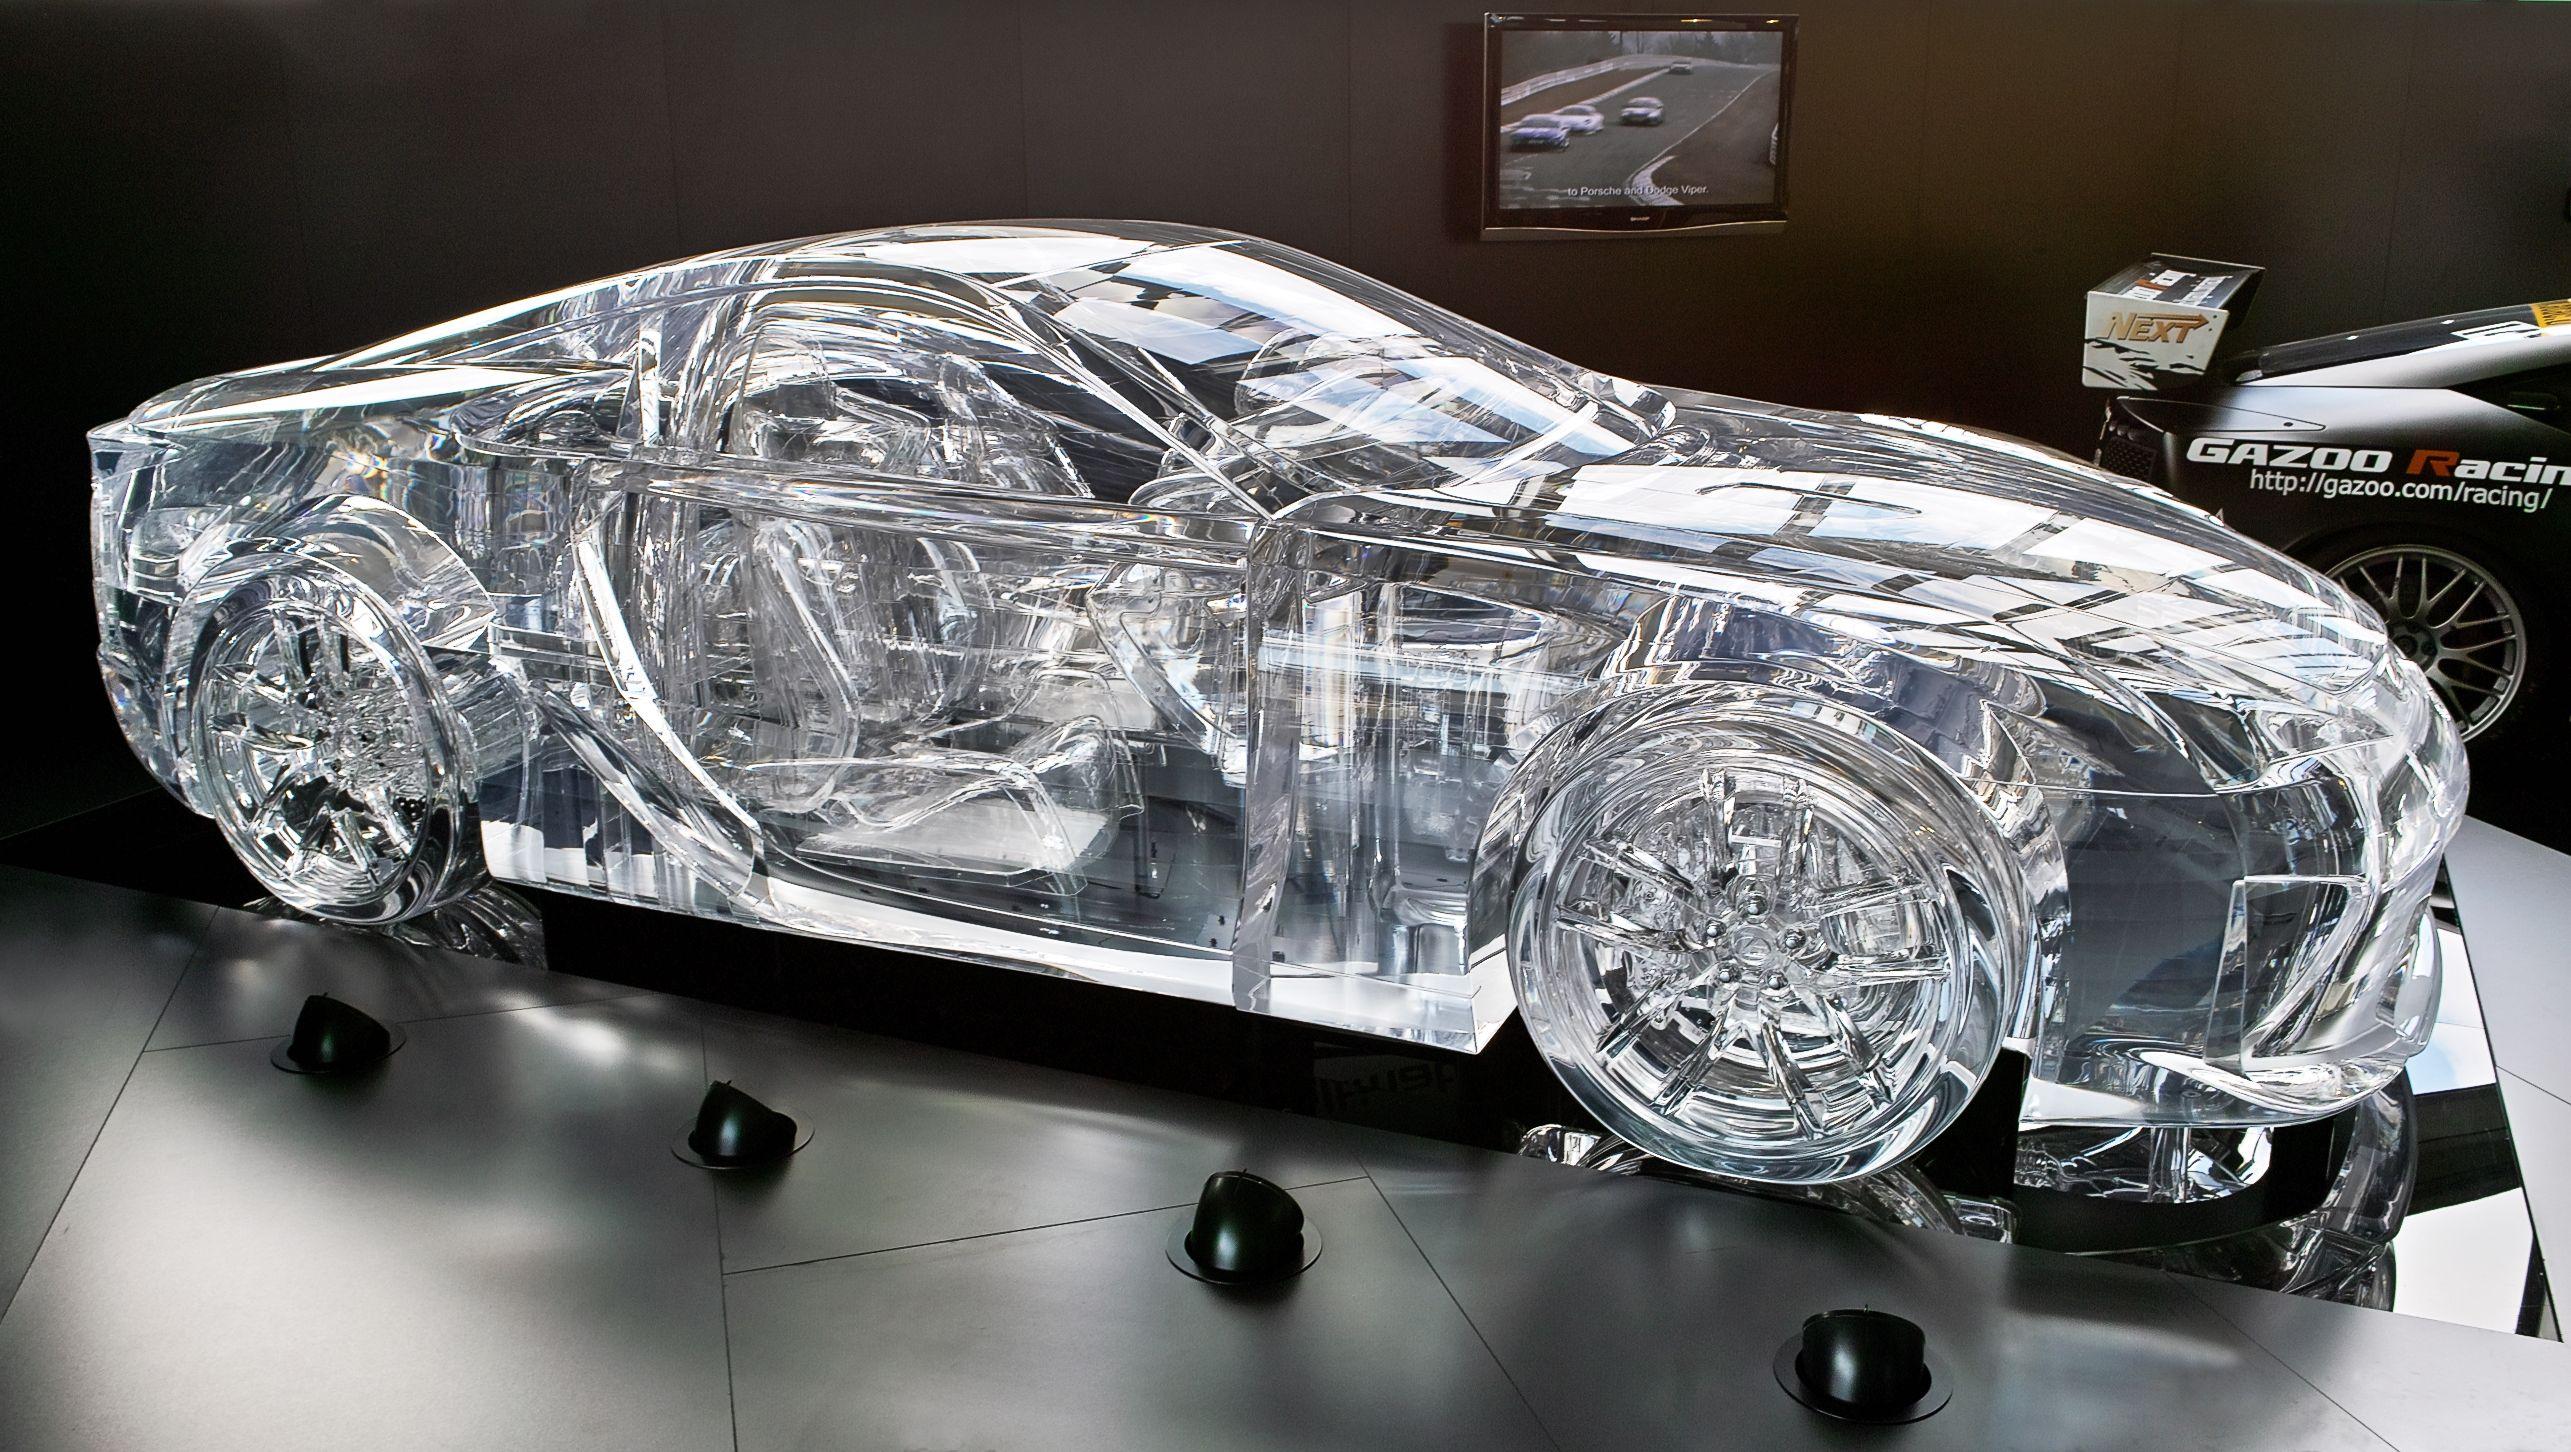 Beau U201cLexus Transparent Caru201d Iu0027m Pretty Sure Those Wheels Donu0027t Grip Too Well